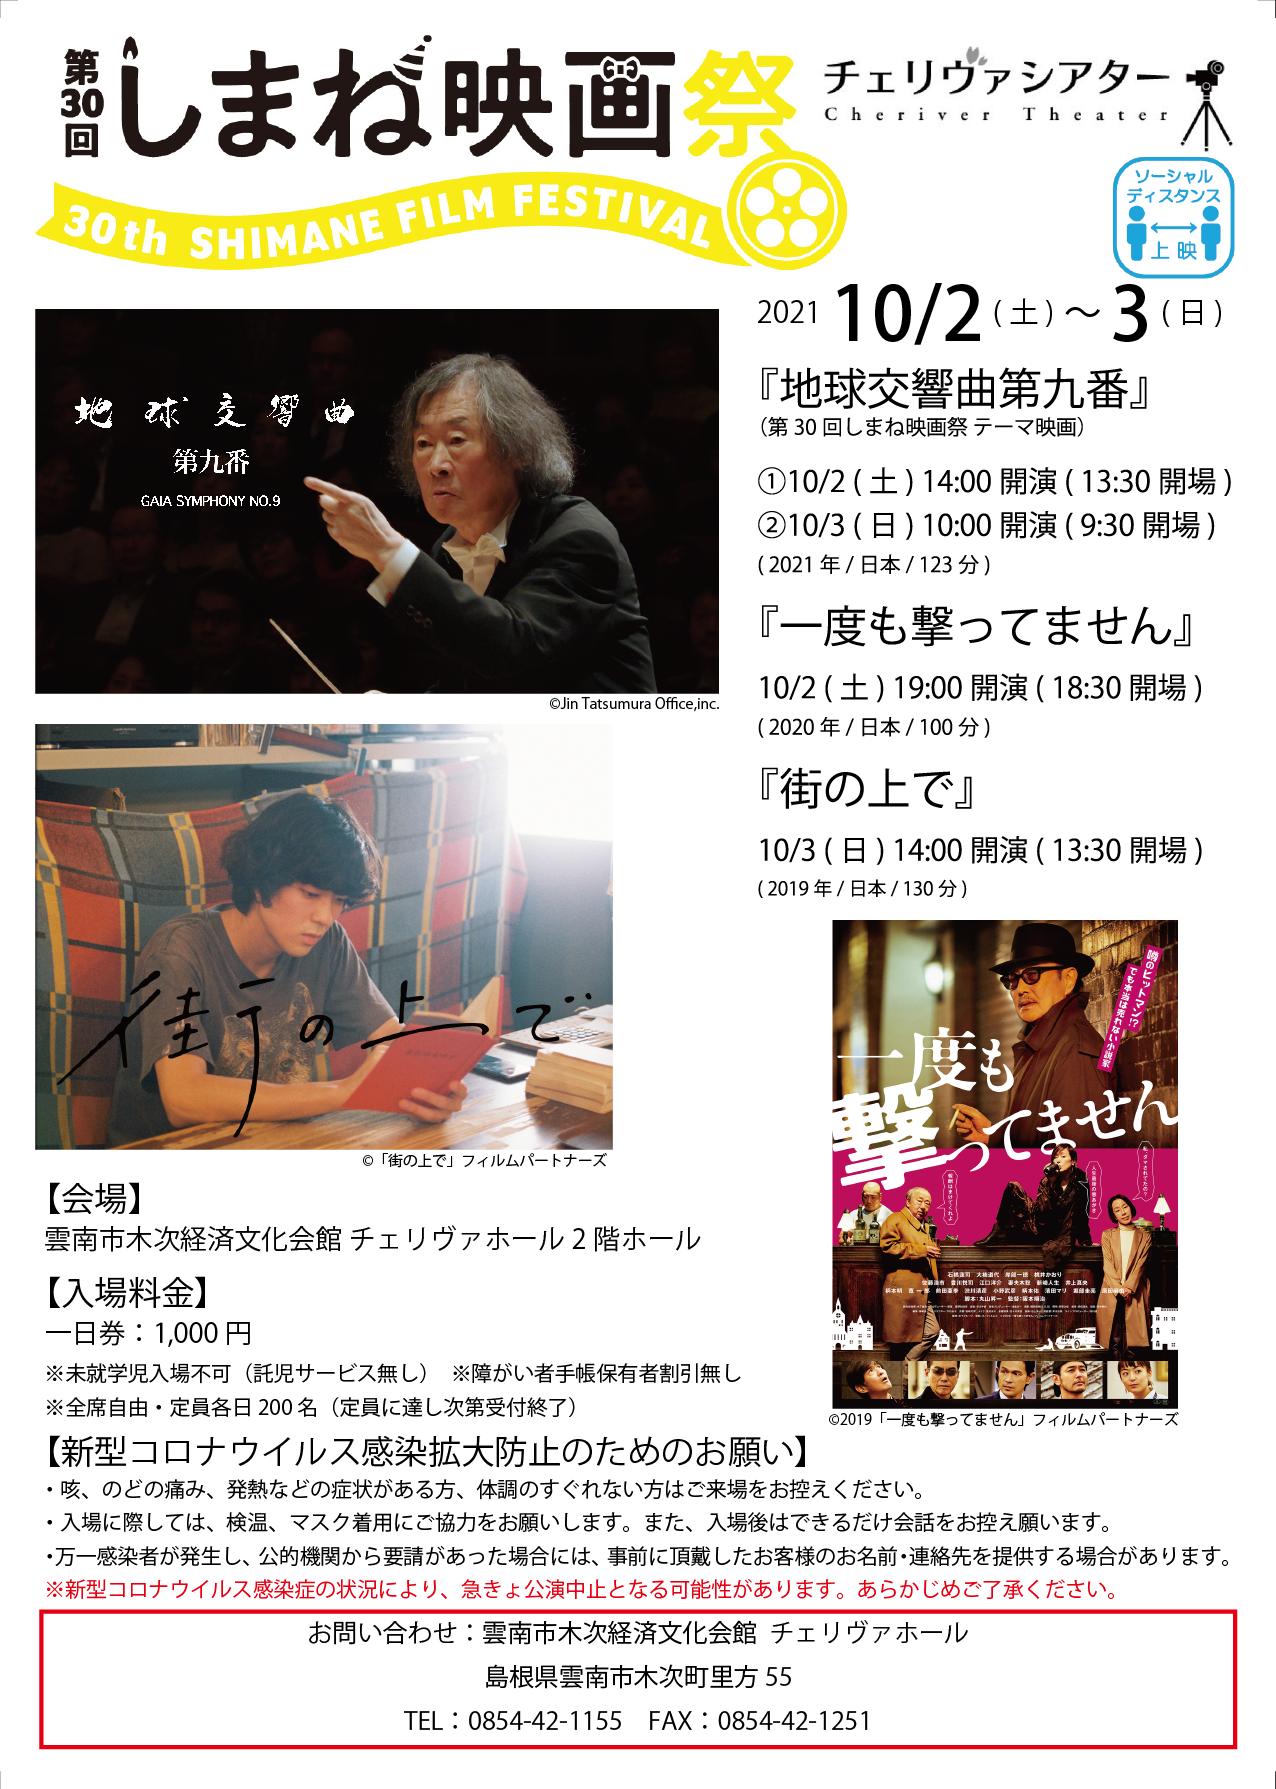 チェリヴァシアター「第30回しまね映画祭in雲南」